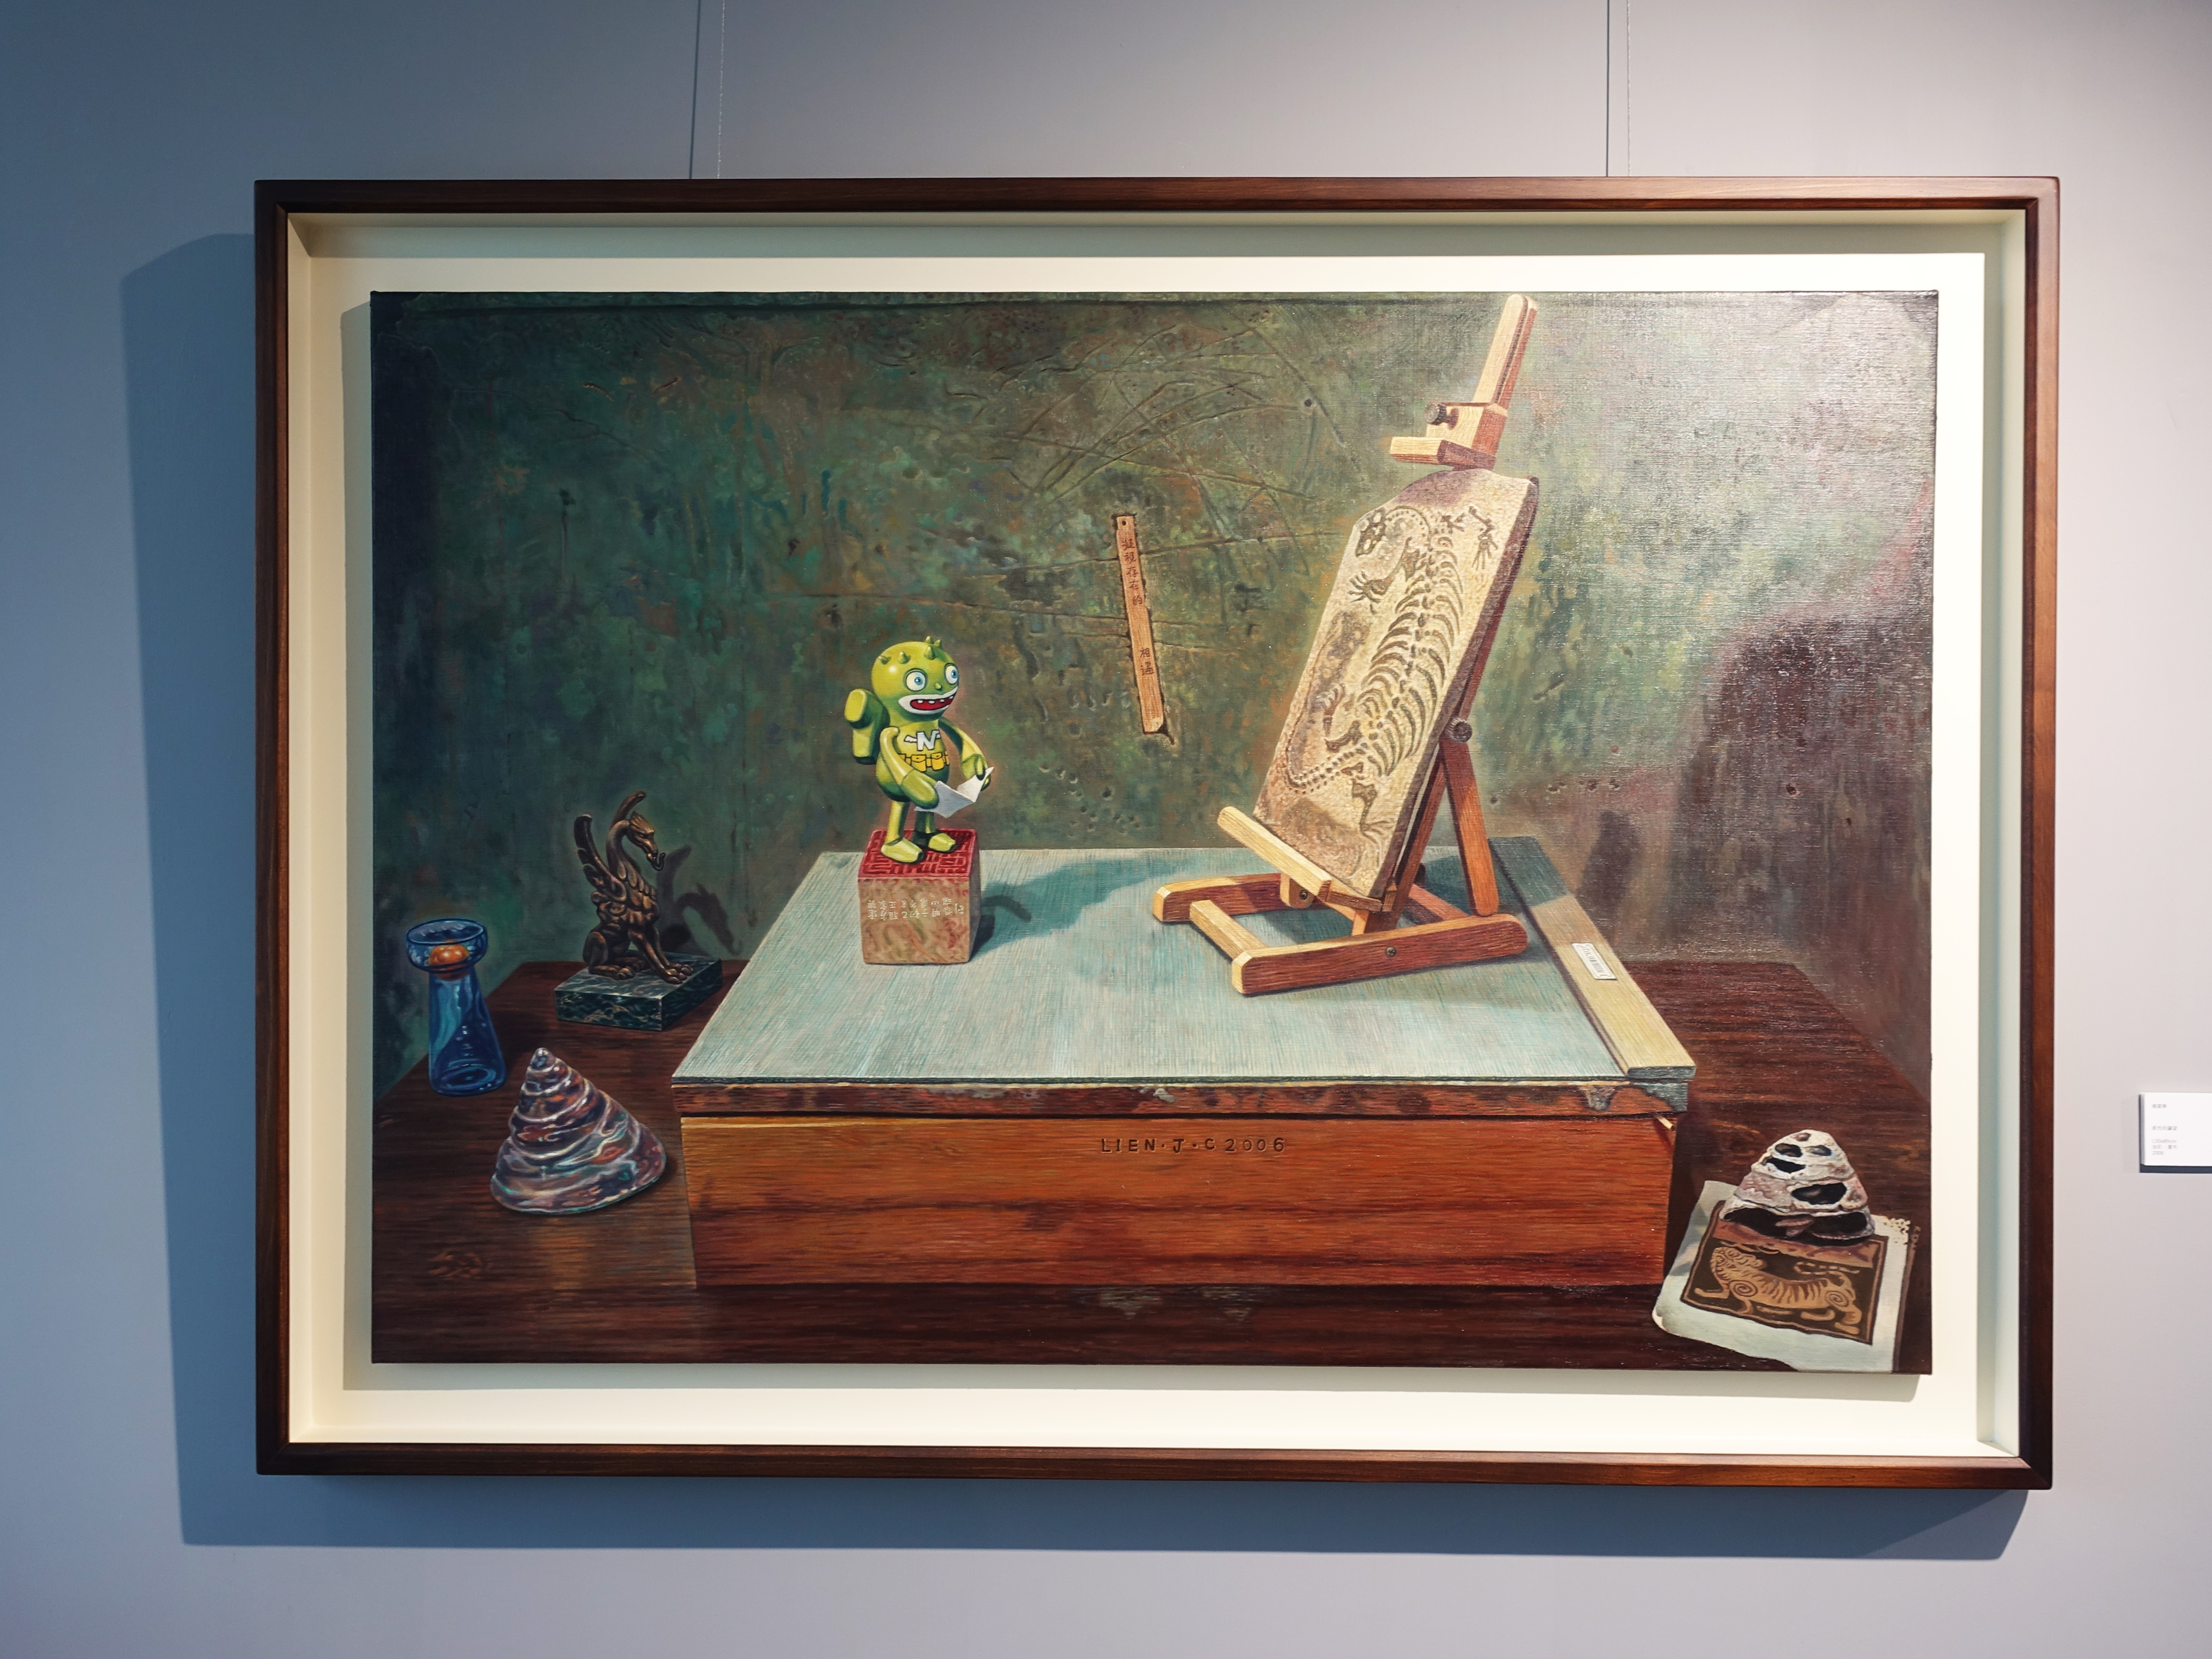 連建興,《感性的凝望》,130 x 89 cm,油彩、畫布,2006。